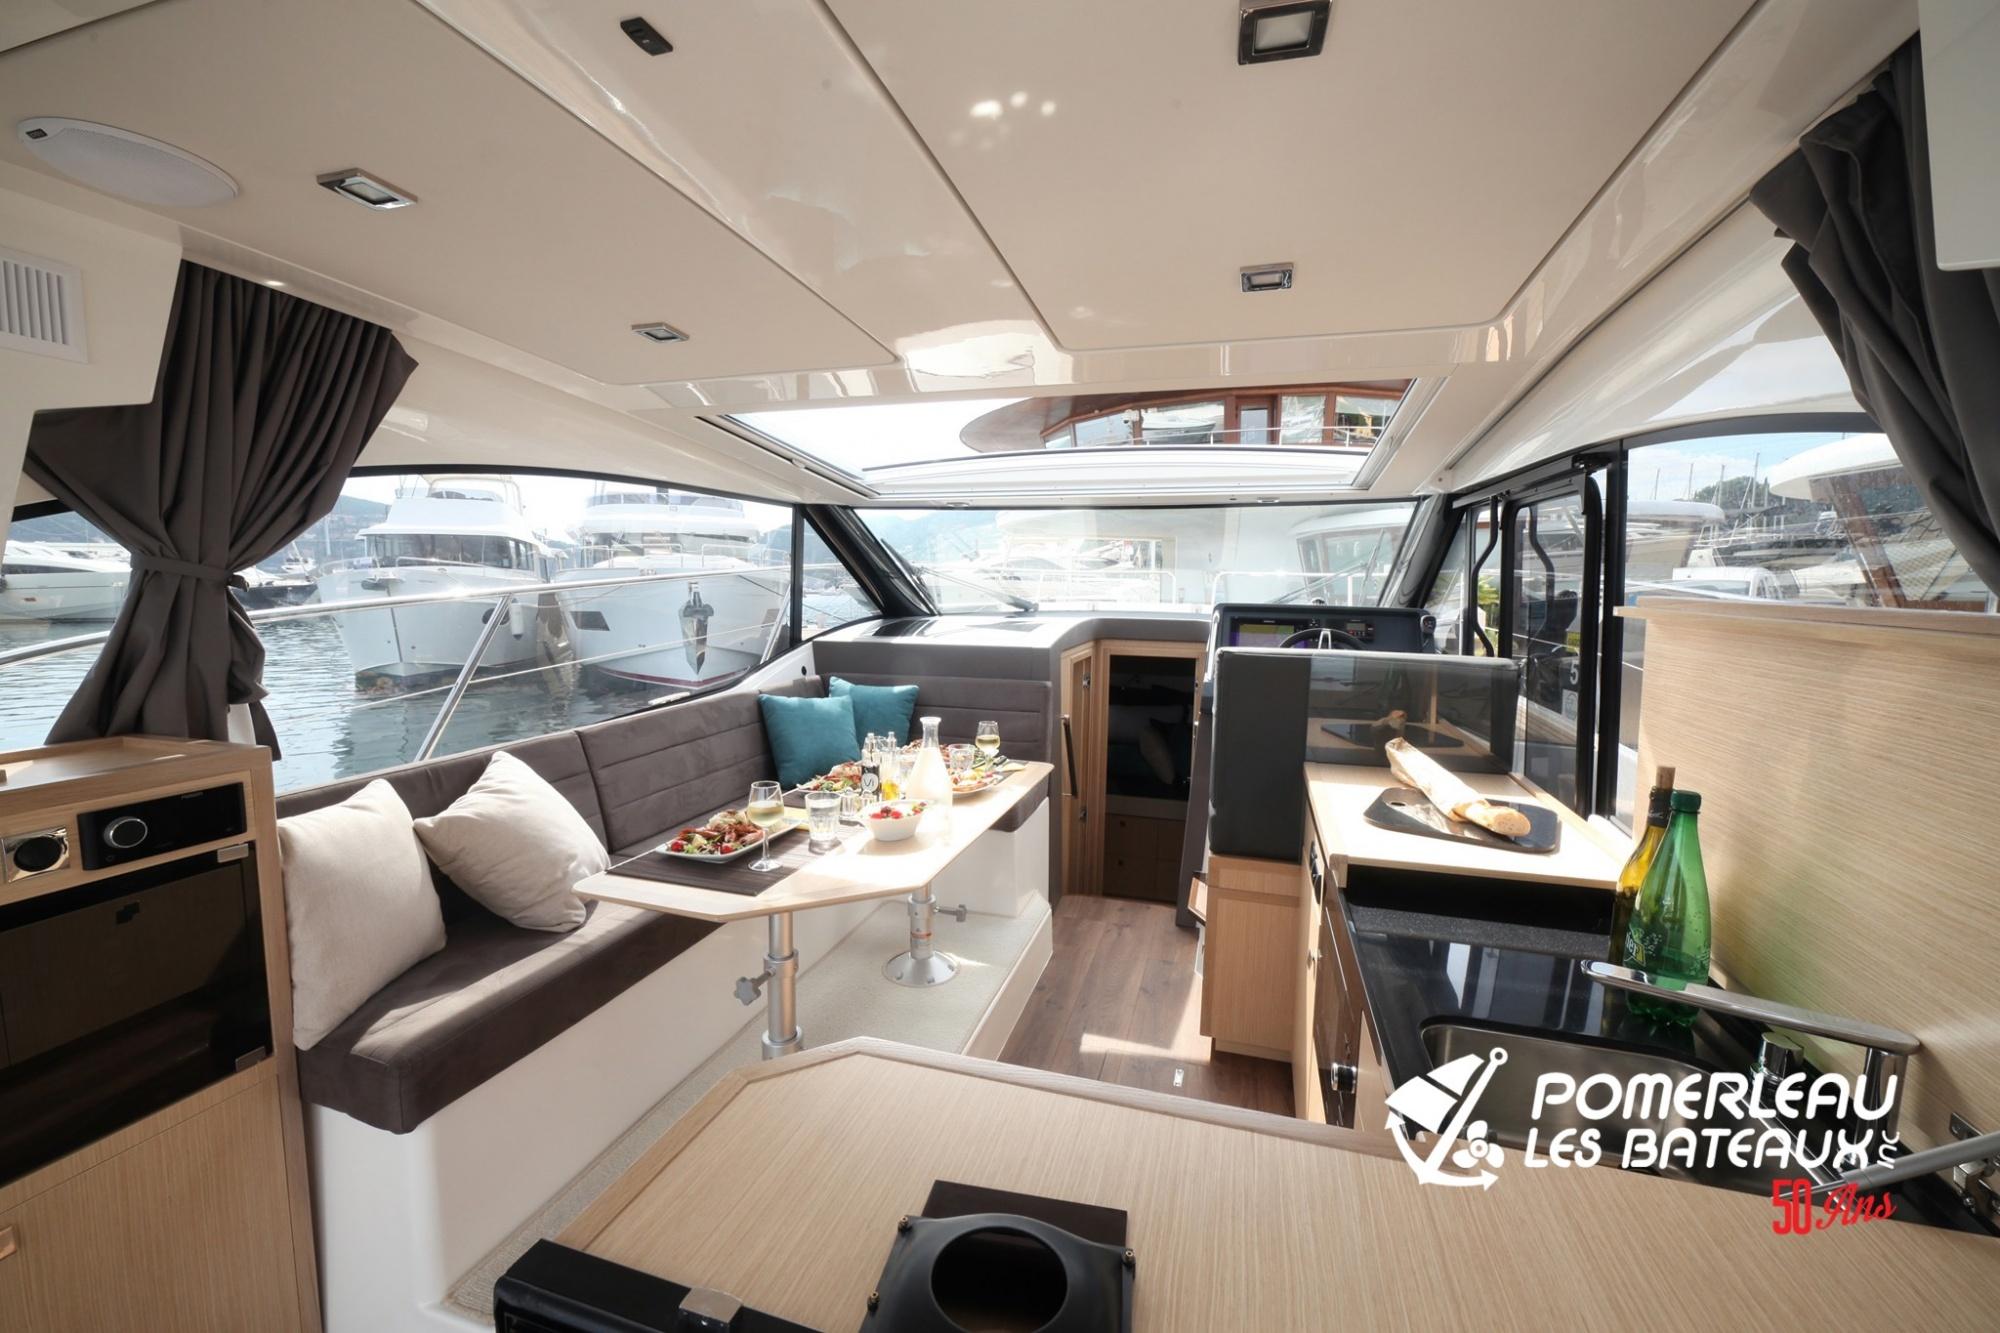 Parker Boats Monaco DEMO - 91704649_202605997829657_6215146736231383040_o